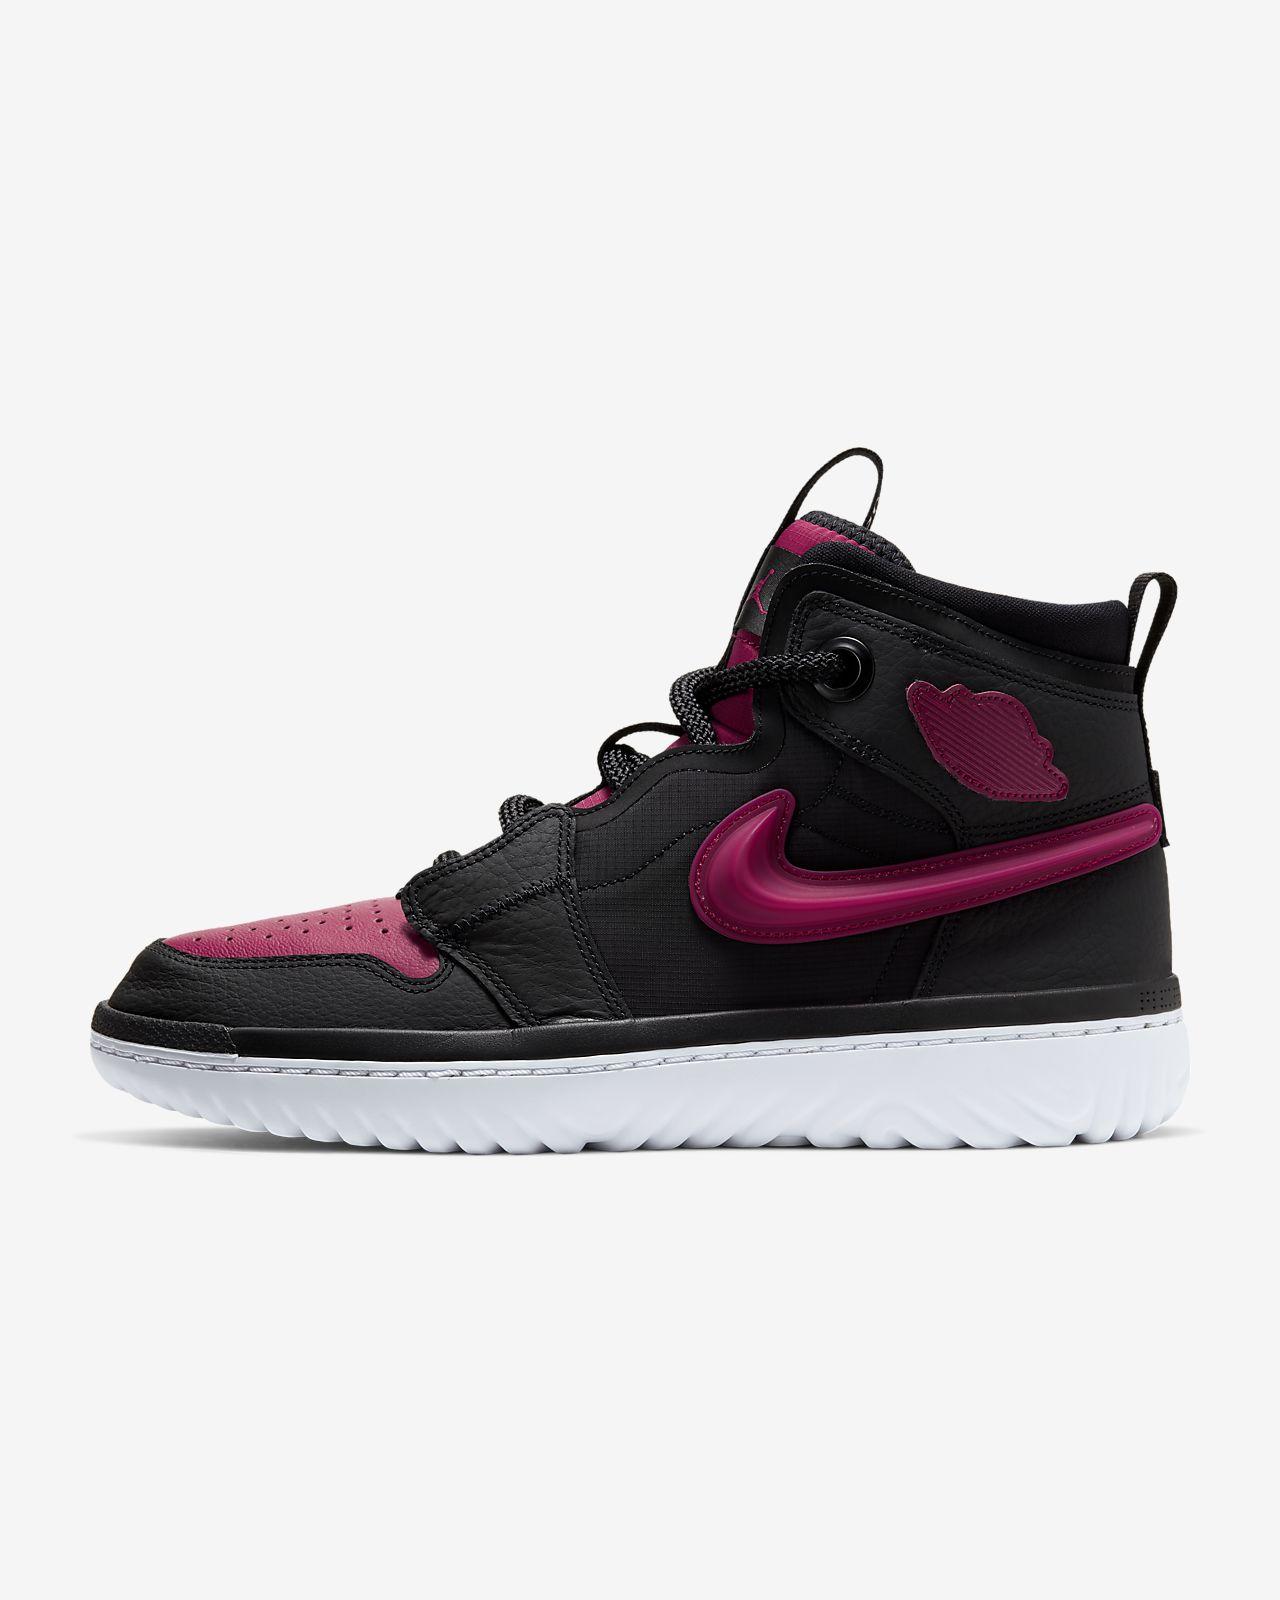 Jordan 1 High React 男子运动鞋